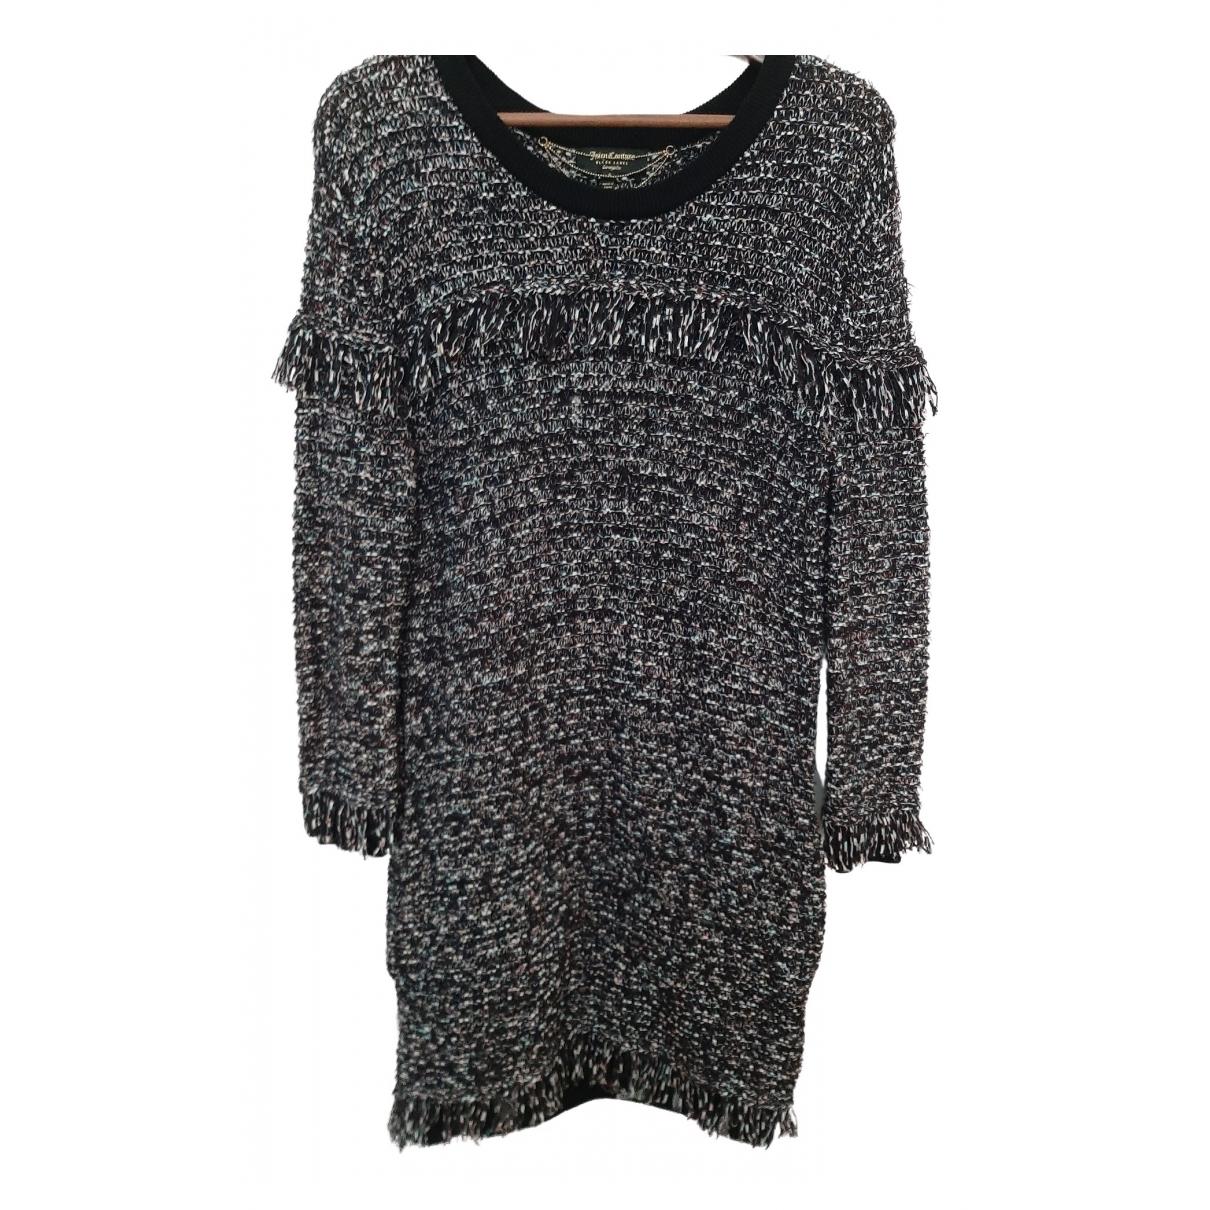 Juicy Couture \N Kleid in  Bunt Baumwolle - Elasthan